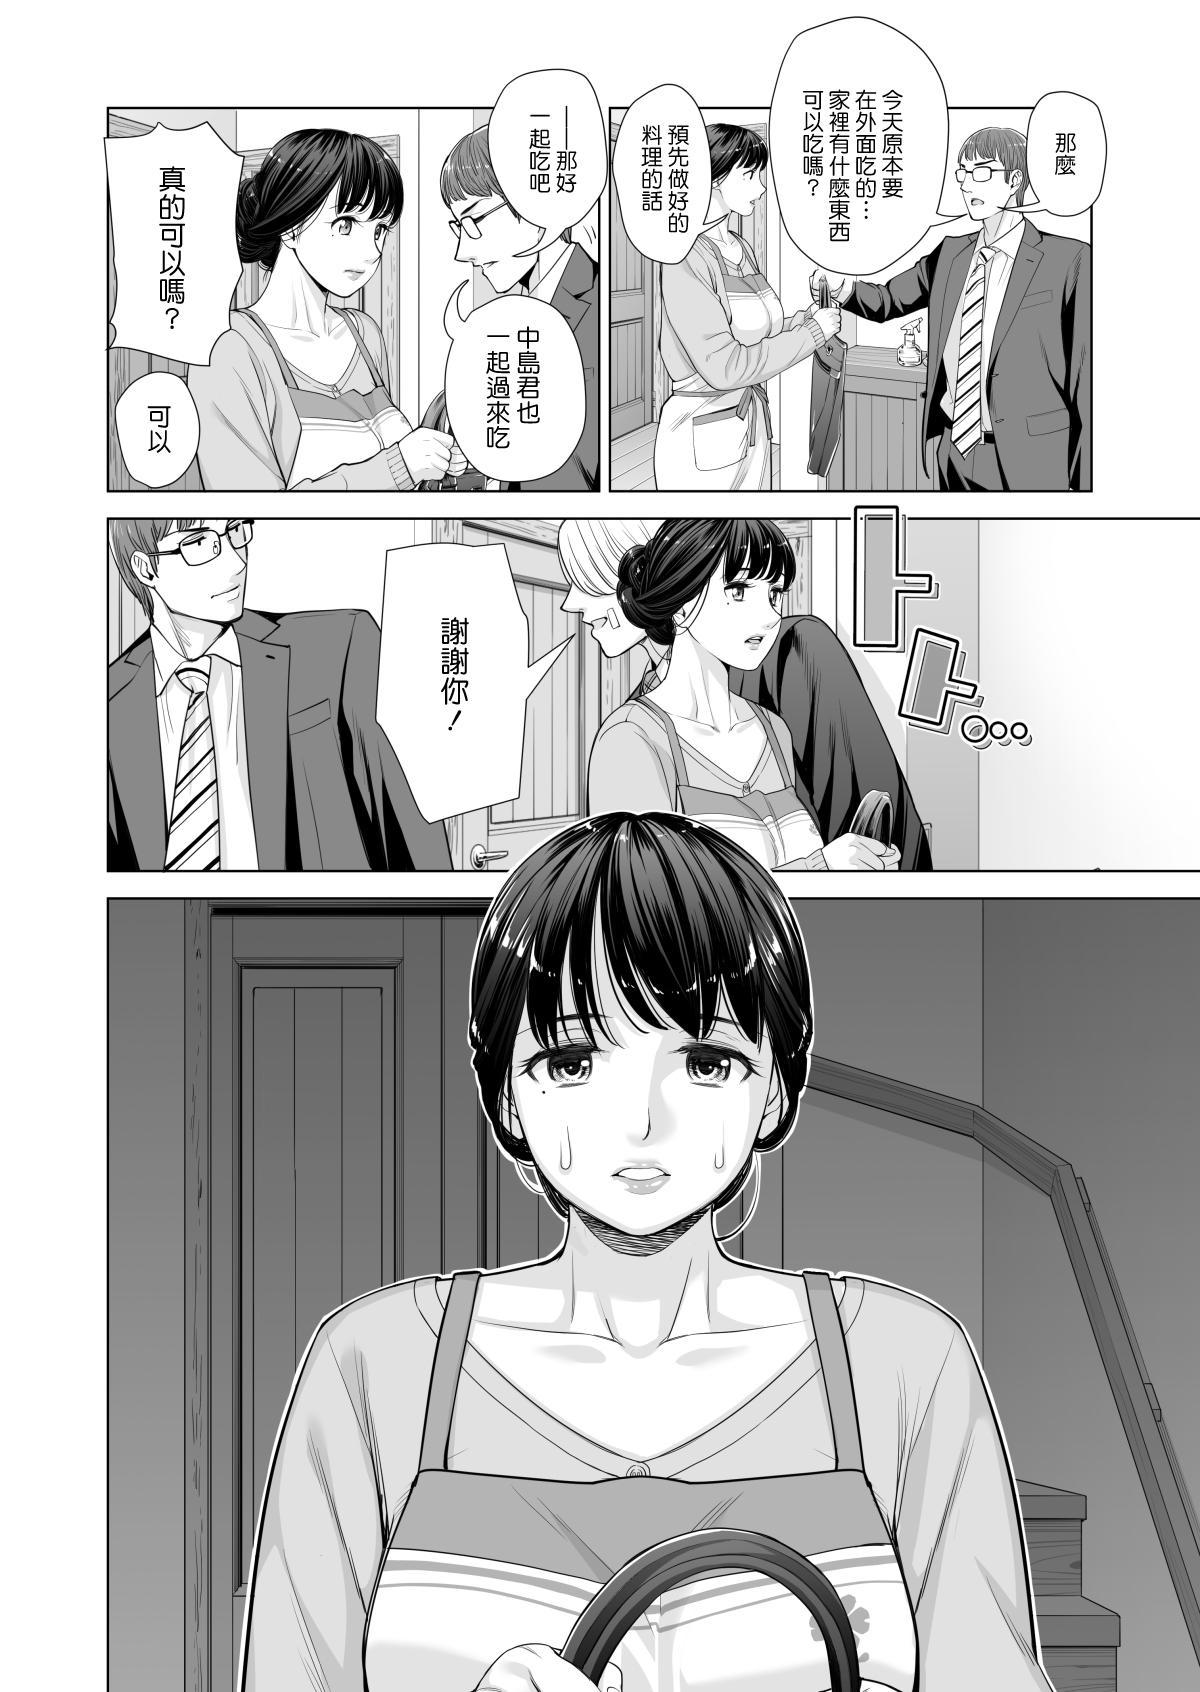 [HGT Lab (Tsusauto)] Tsukiyo no Midare Zake ~Hitozuma wa Yoitsubureta Otto no Soba de Douryou ni Netorareru~ Kouhen (CHINESE) 28